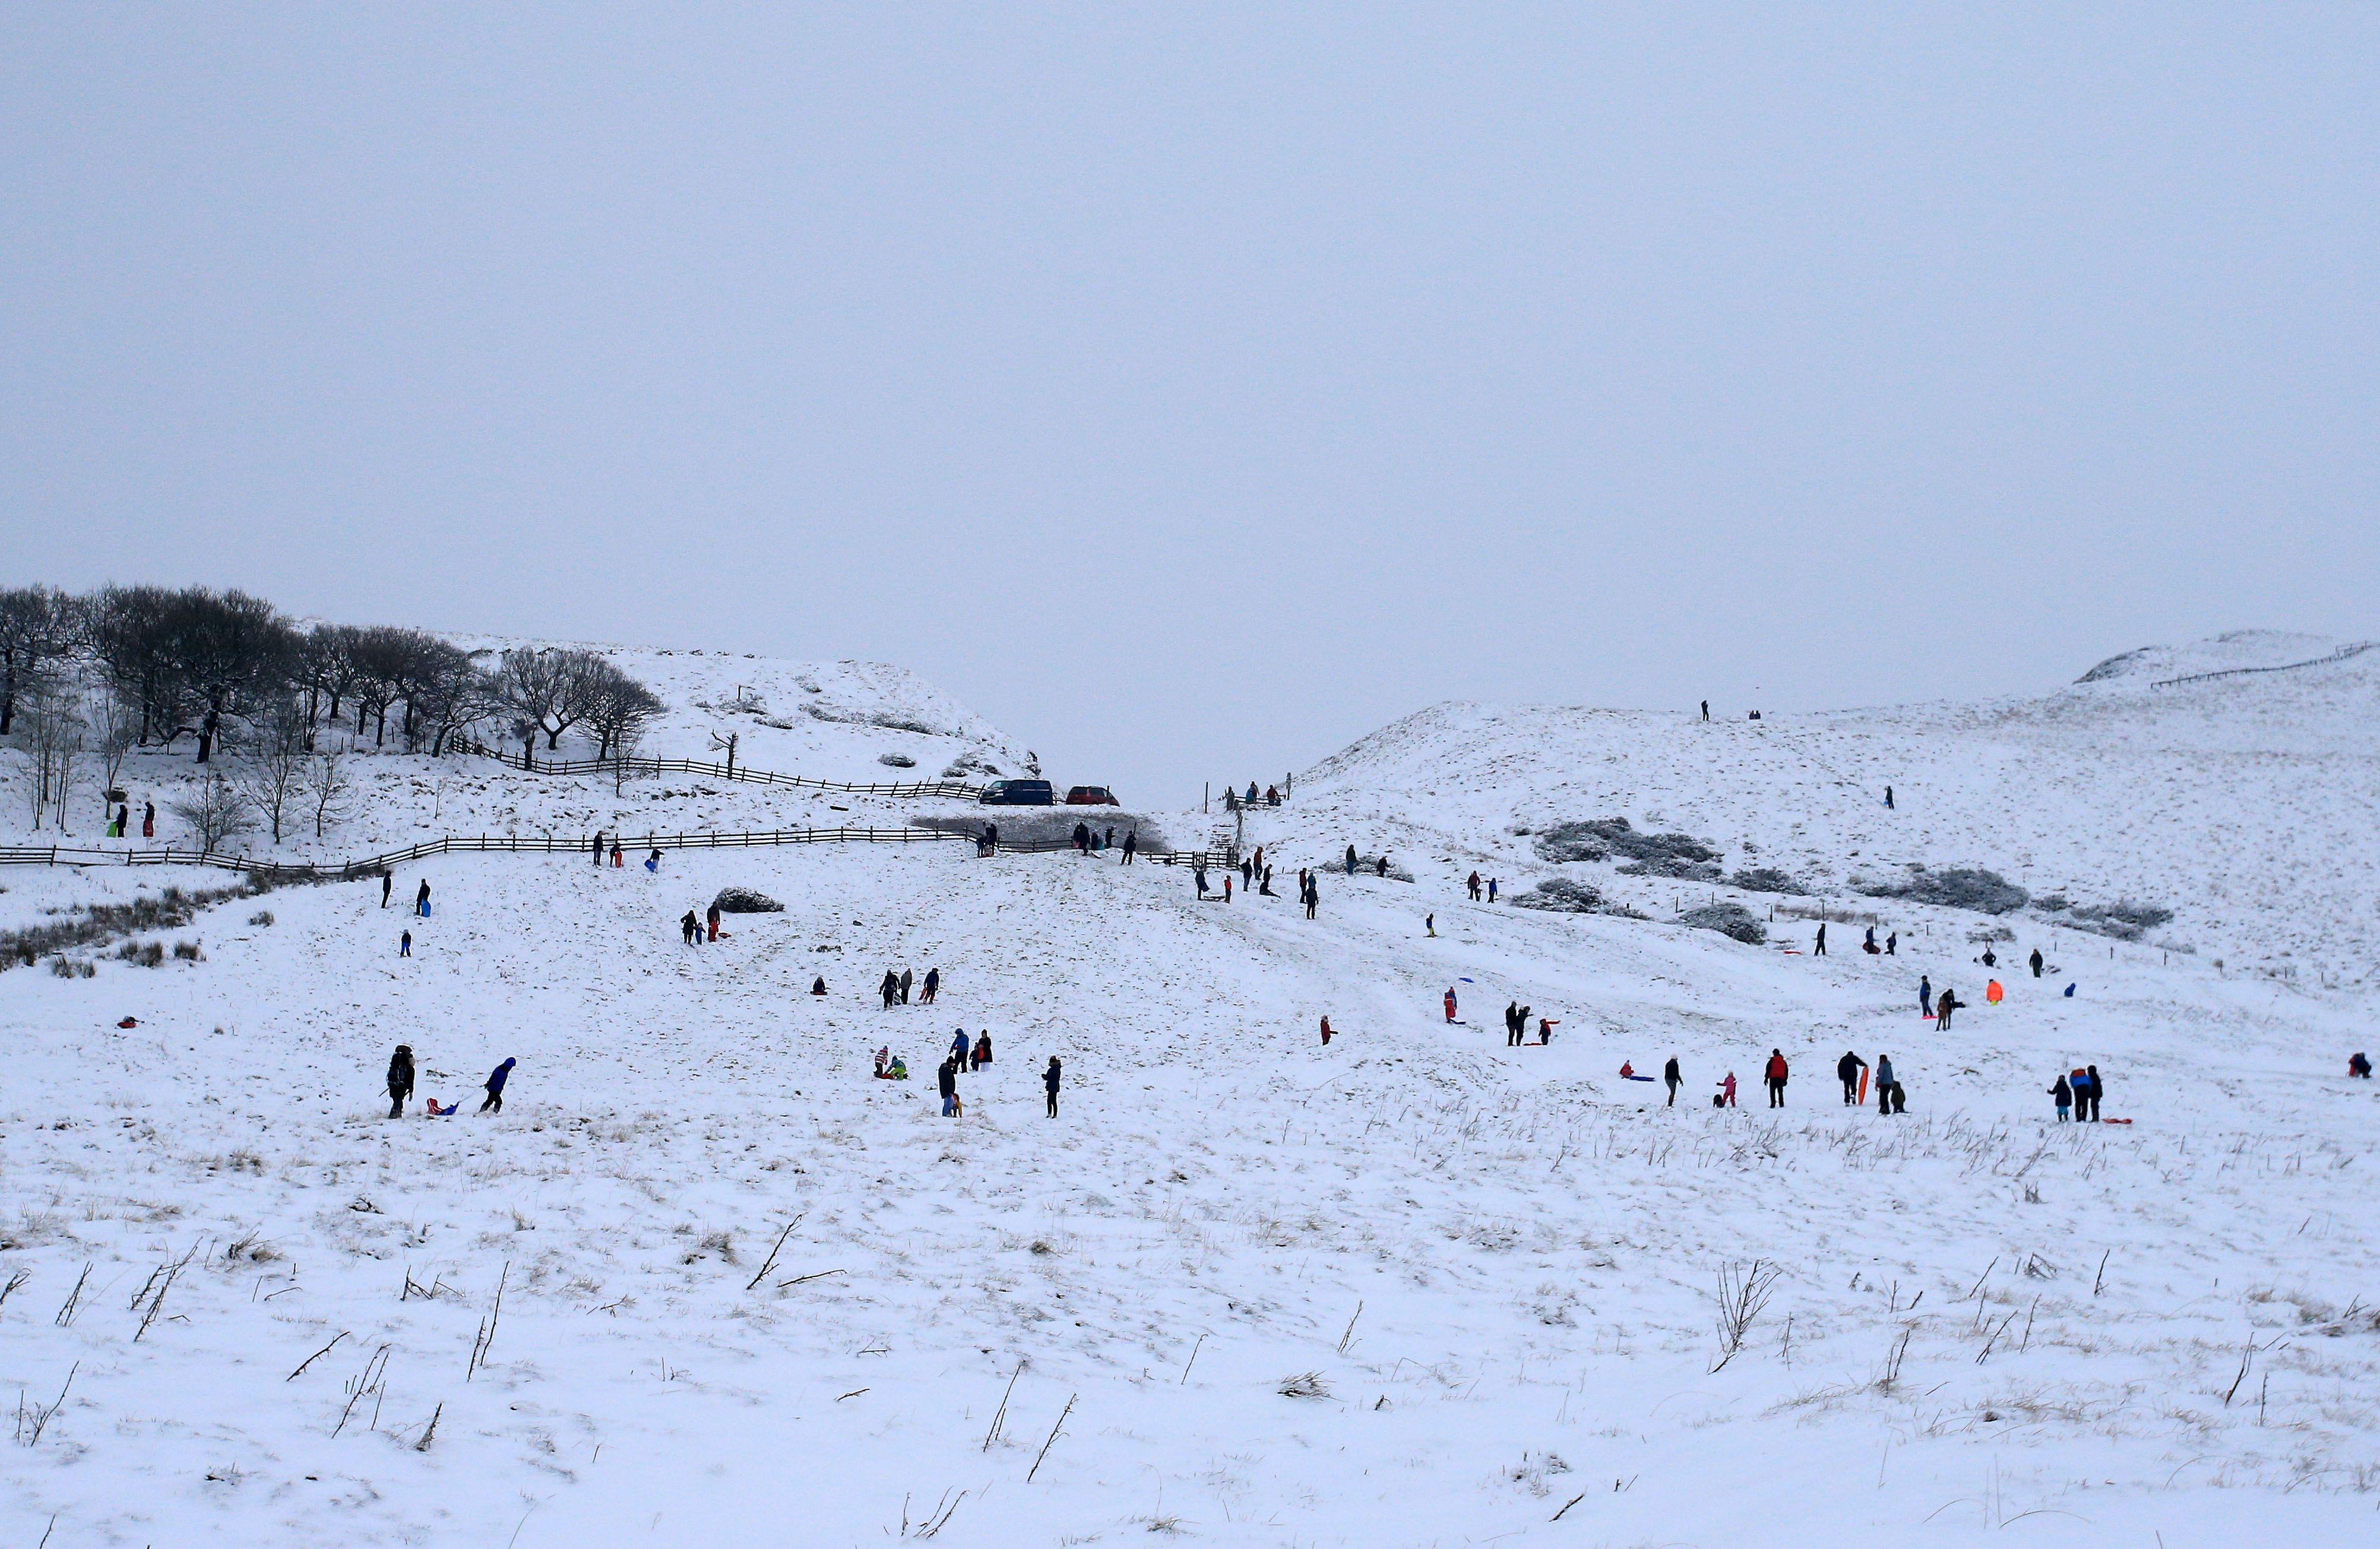 الثلوج الكثيفة تعرقل حركة النقل والسير فى أوروبا 1300216-الثلوج-شمال-